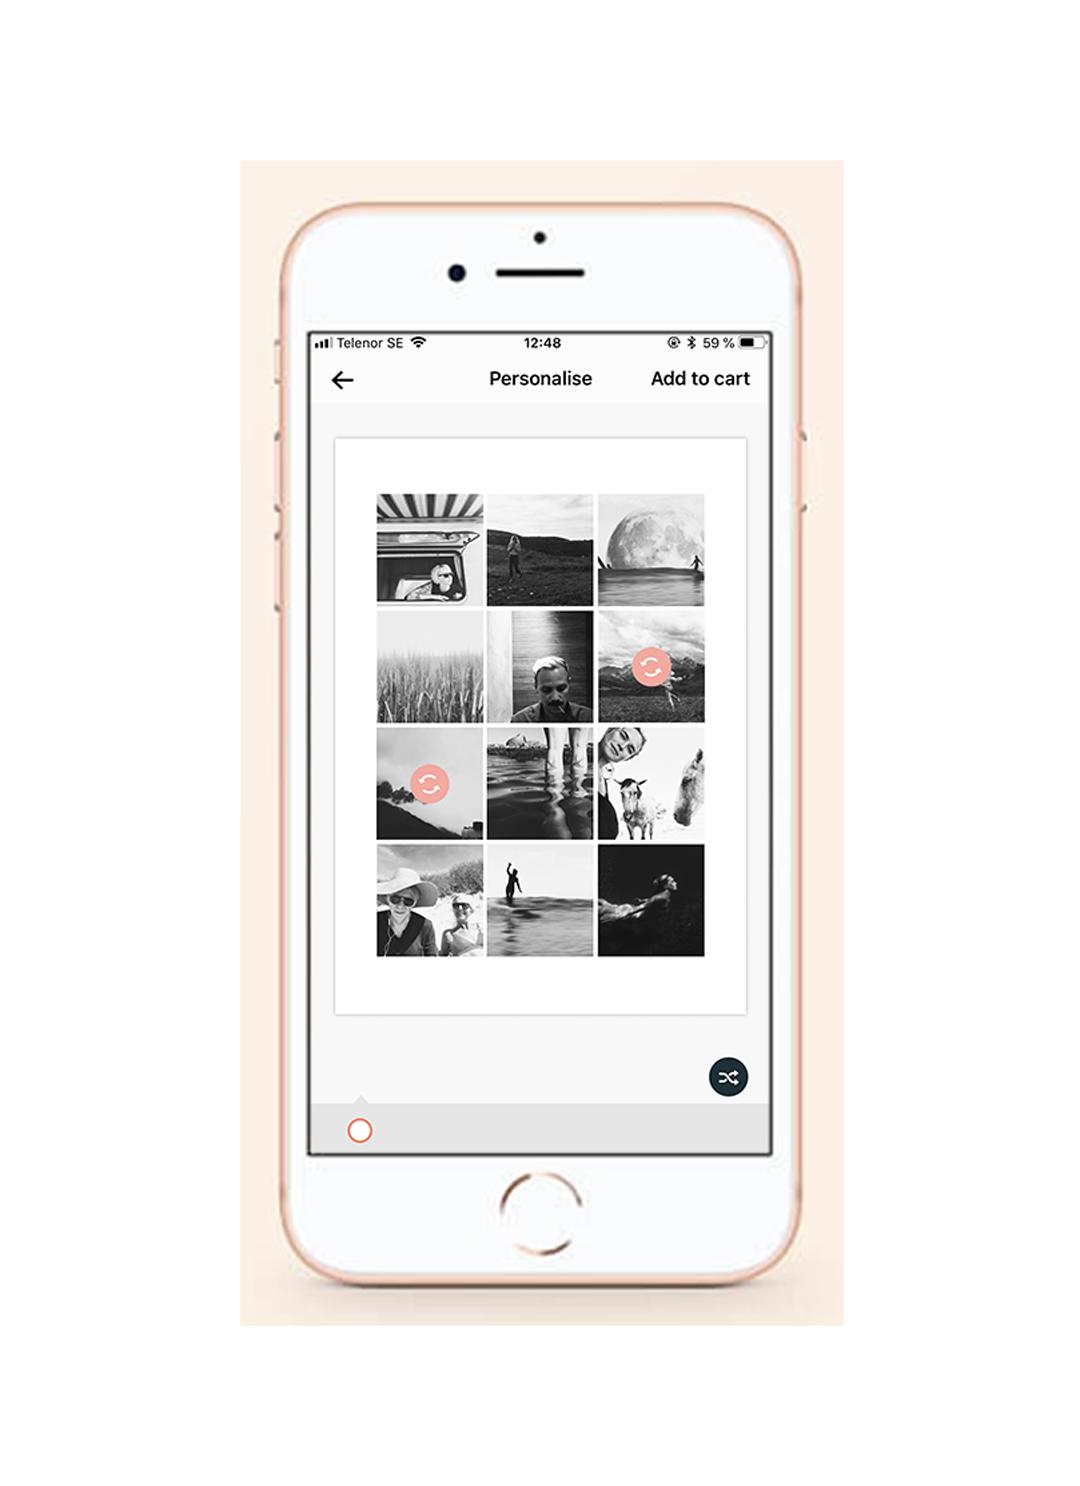 - Du kan enkelt flytta runt dina bilder på postern för att hitta rätt komposition. Markera de två bilder du vill byta plats på så flyttar de sig automatiskt. Fortsätt flippa tills du hittar rätt komposition.